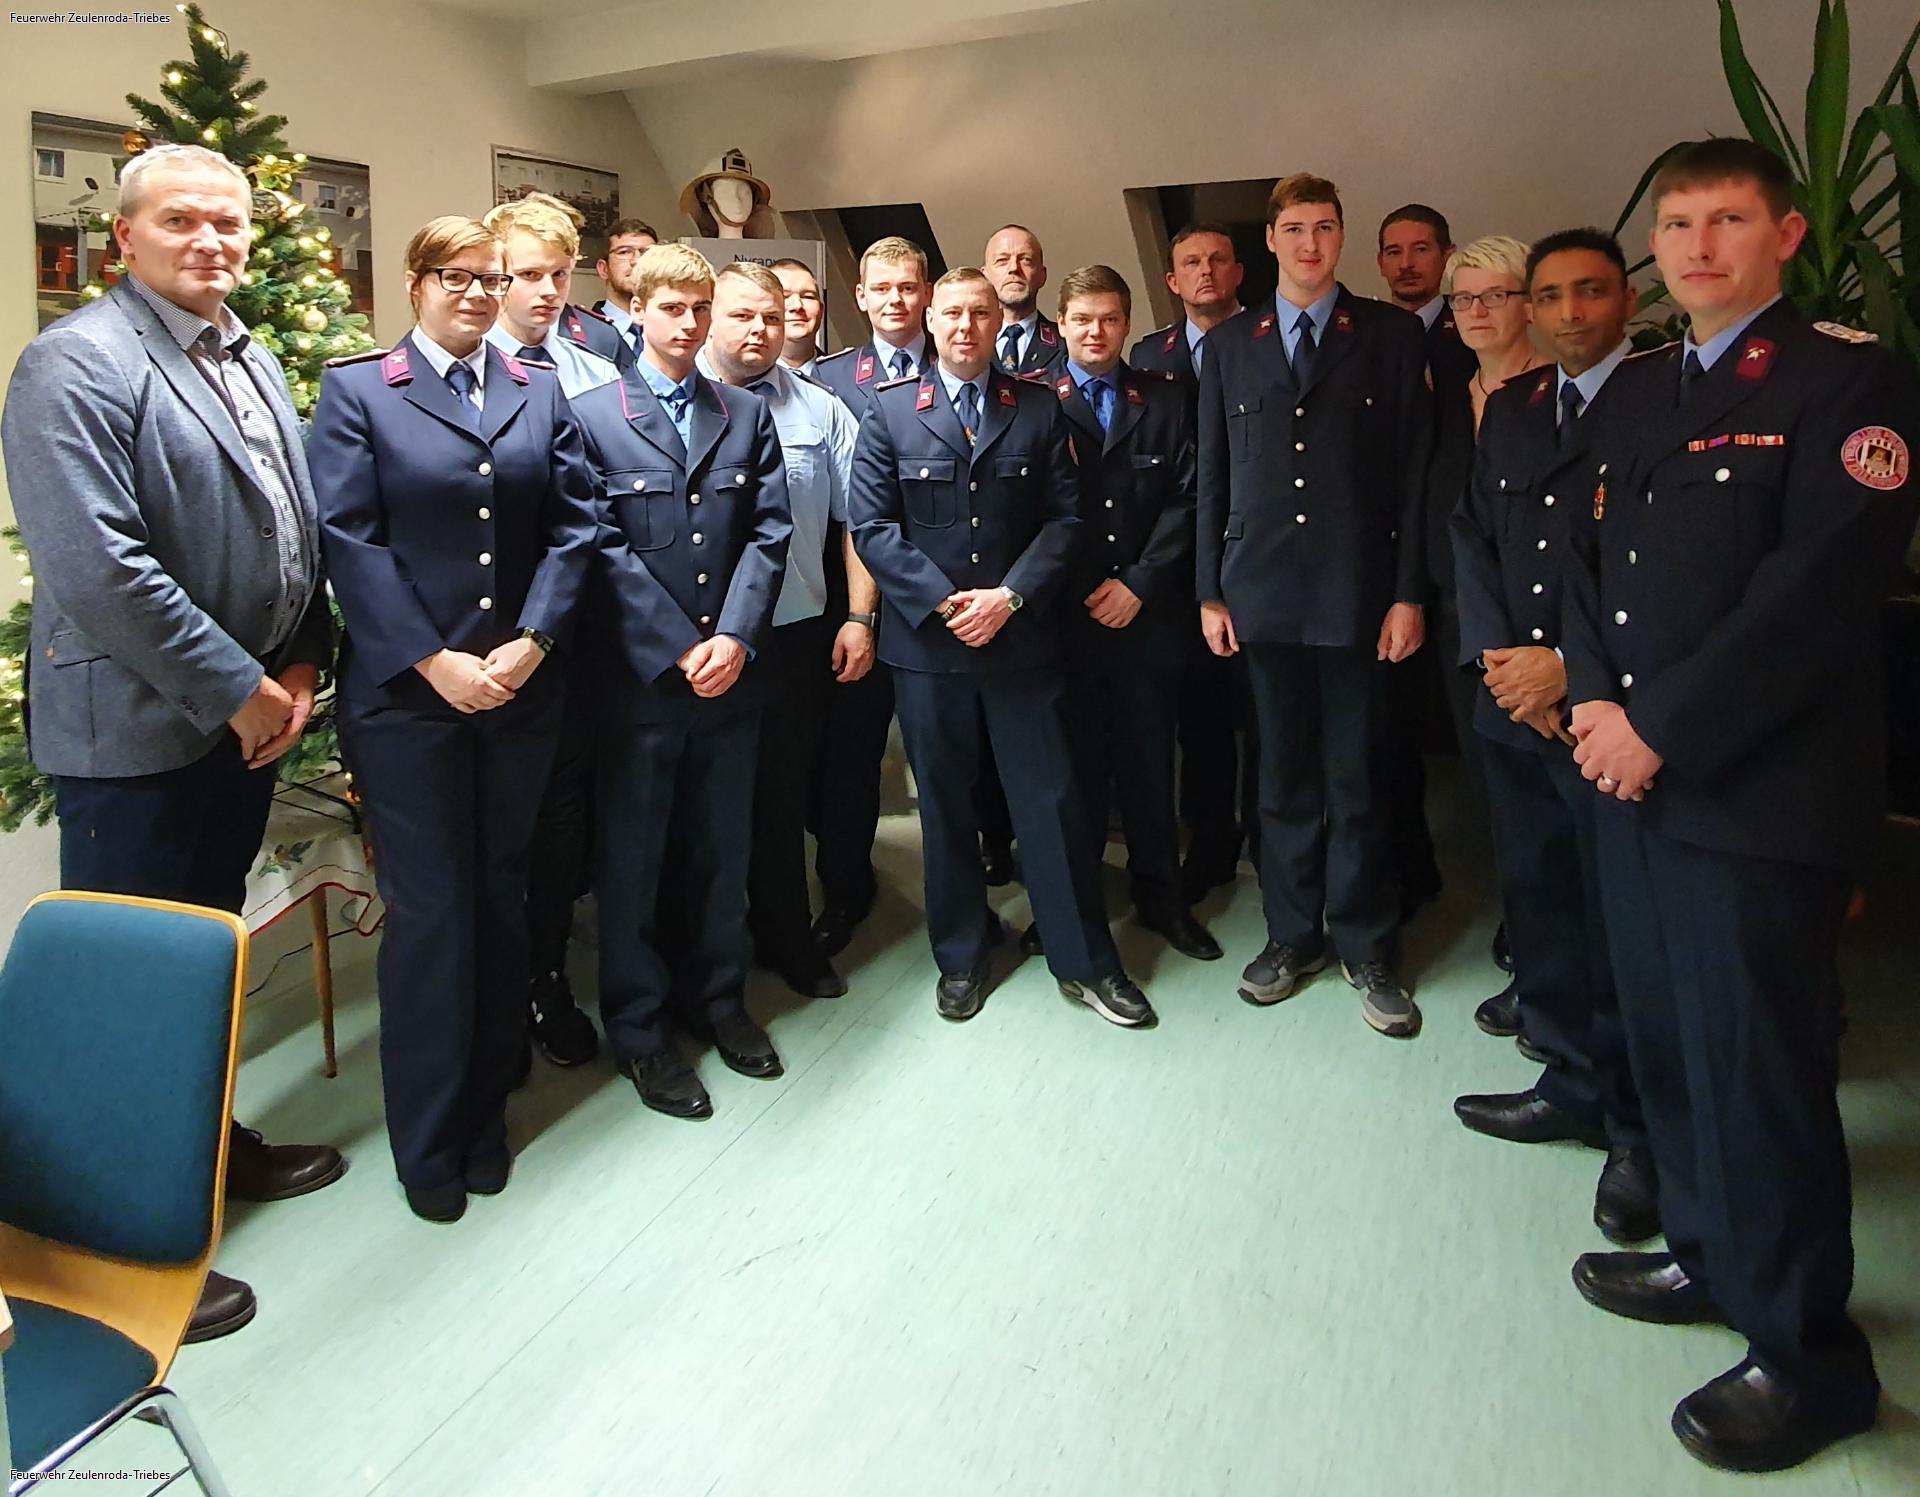 Lob, Anerkennung und Beförderungen zur diesjährigen Jahreshauptversammlung der Stützpunktfeuerwehr Zeulenroda